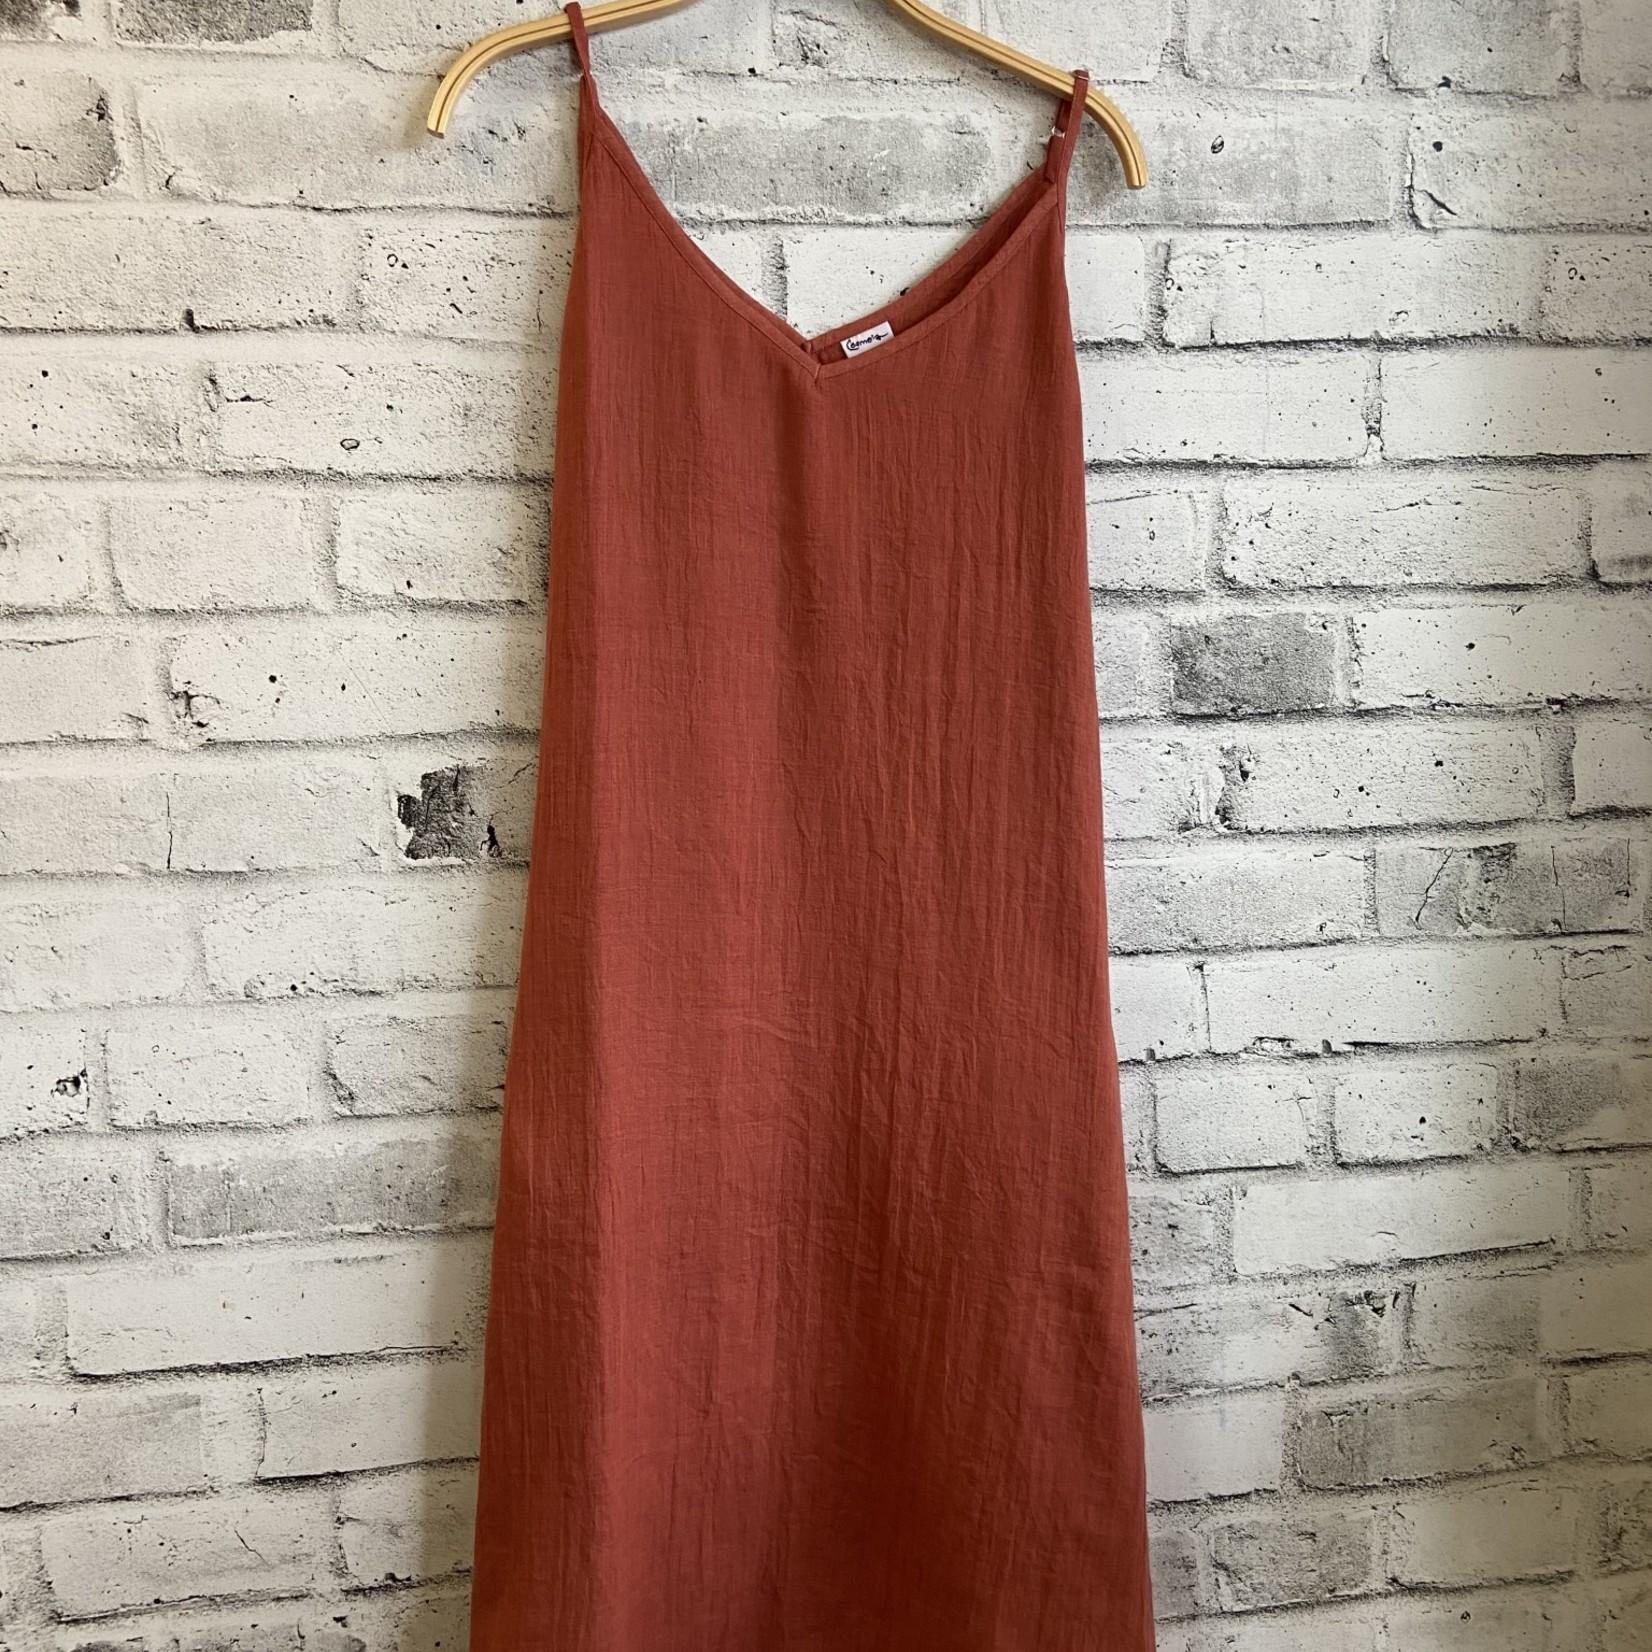 Cosmo's Impex Enterprises Spaghetti Strap Dress 819